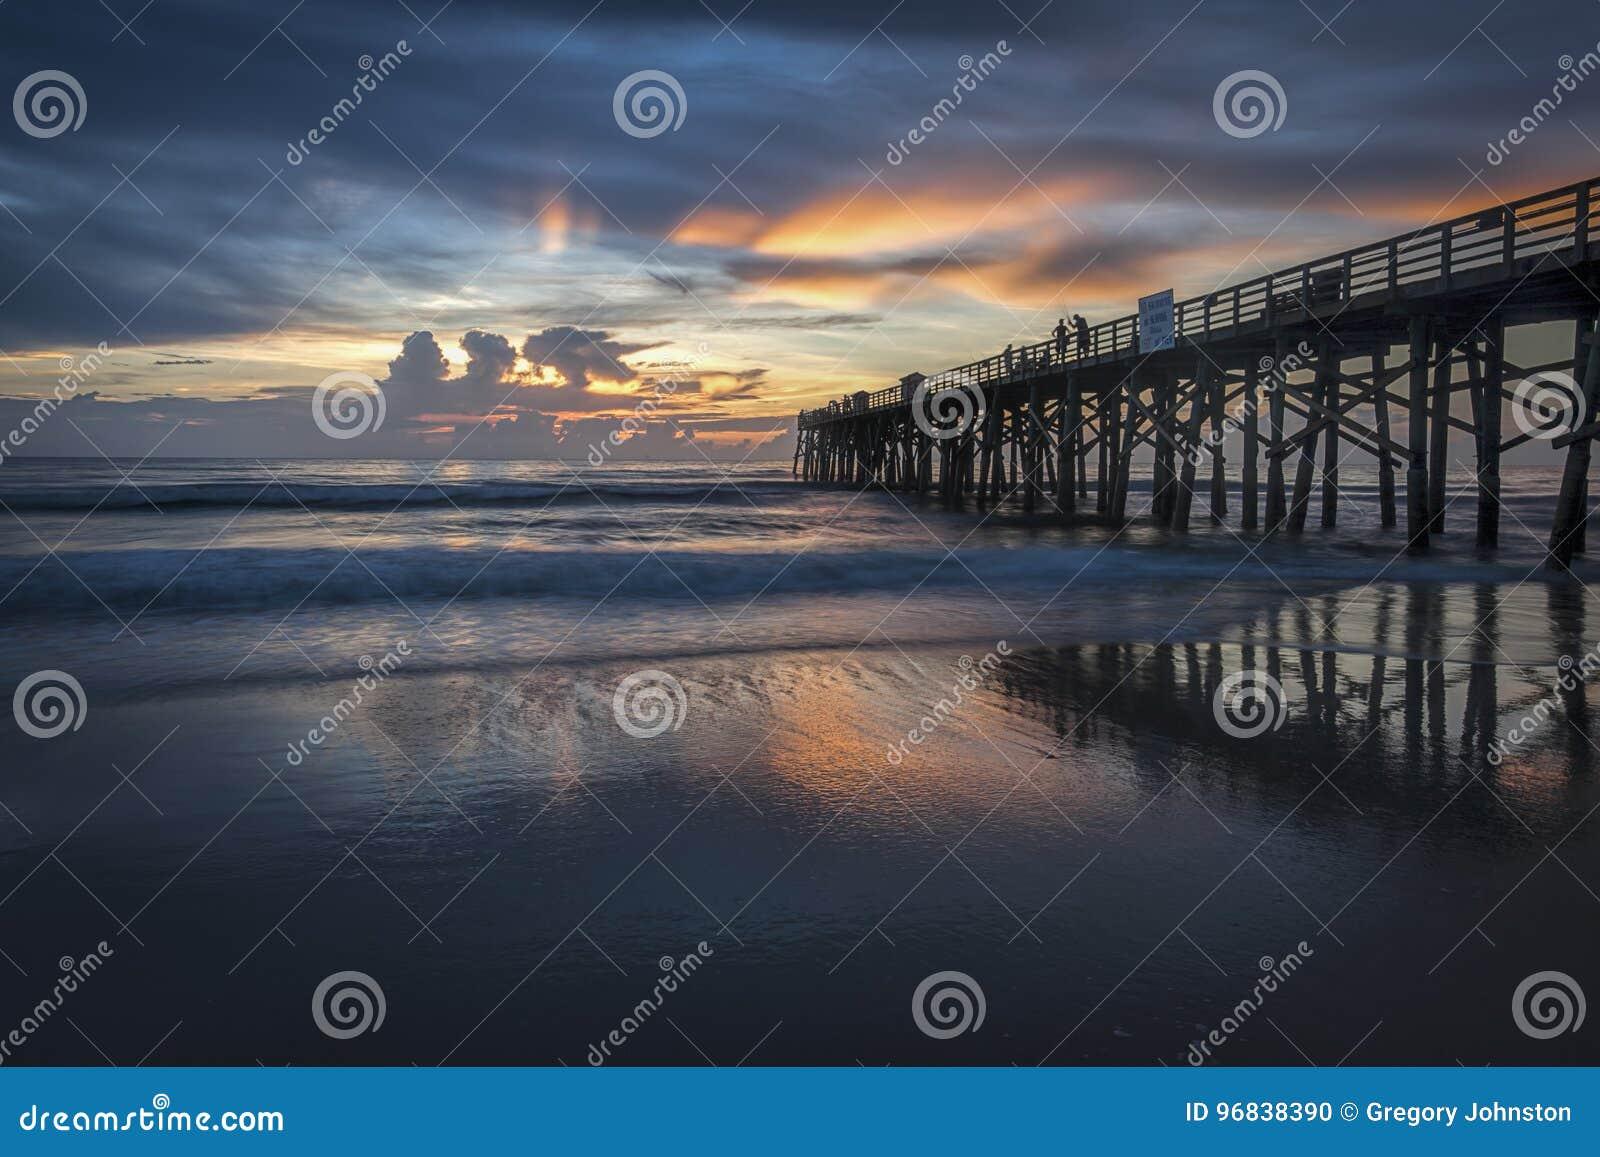 Piękny wschód słońca wzdłuż Floryda wybrzeża